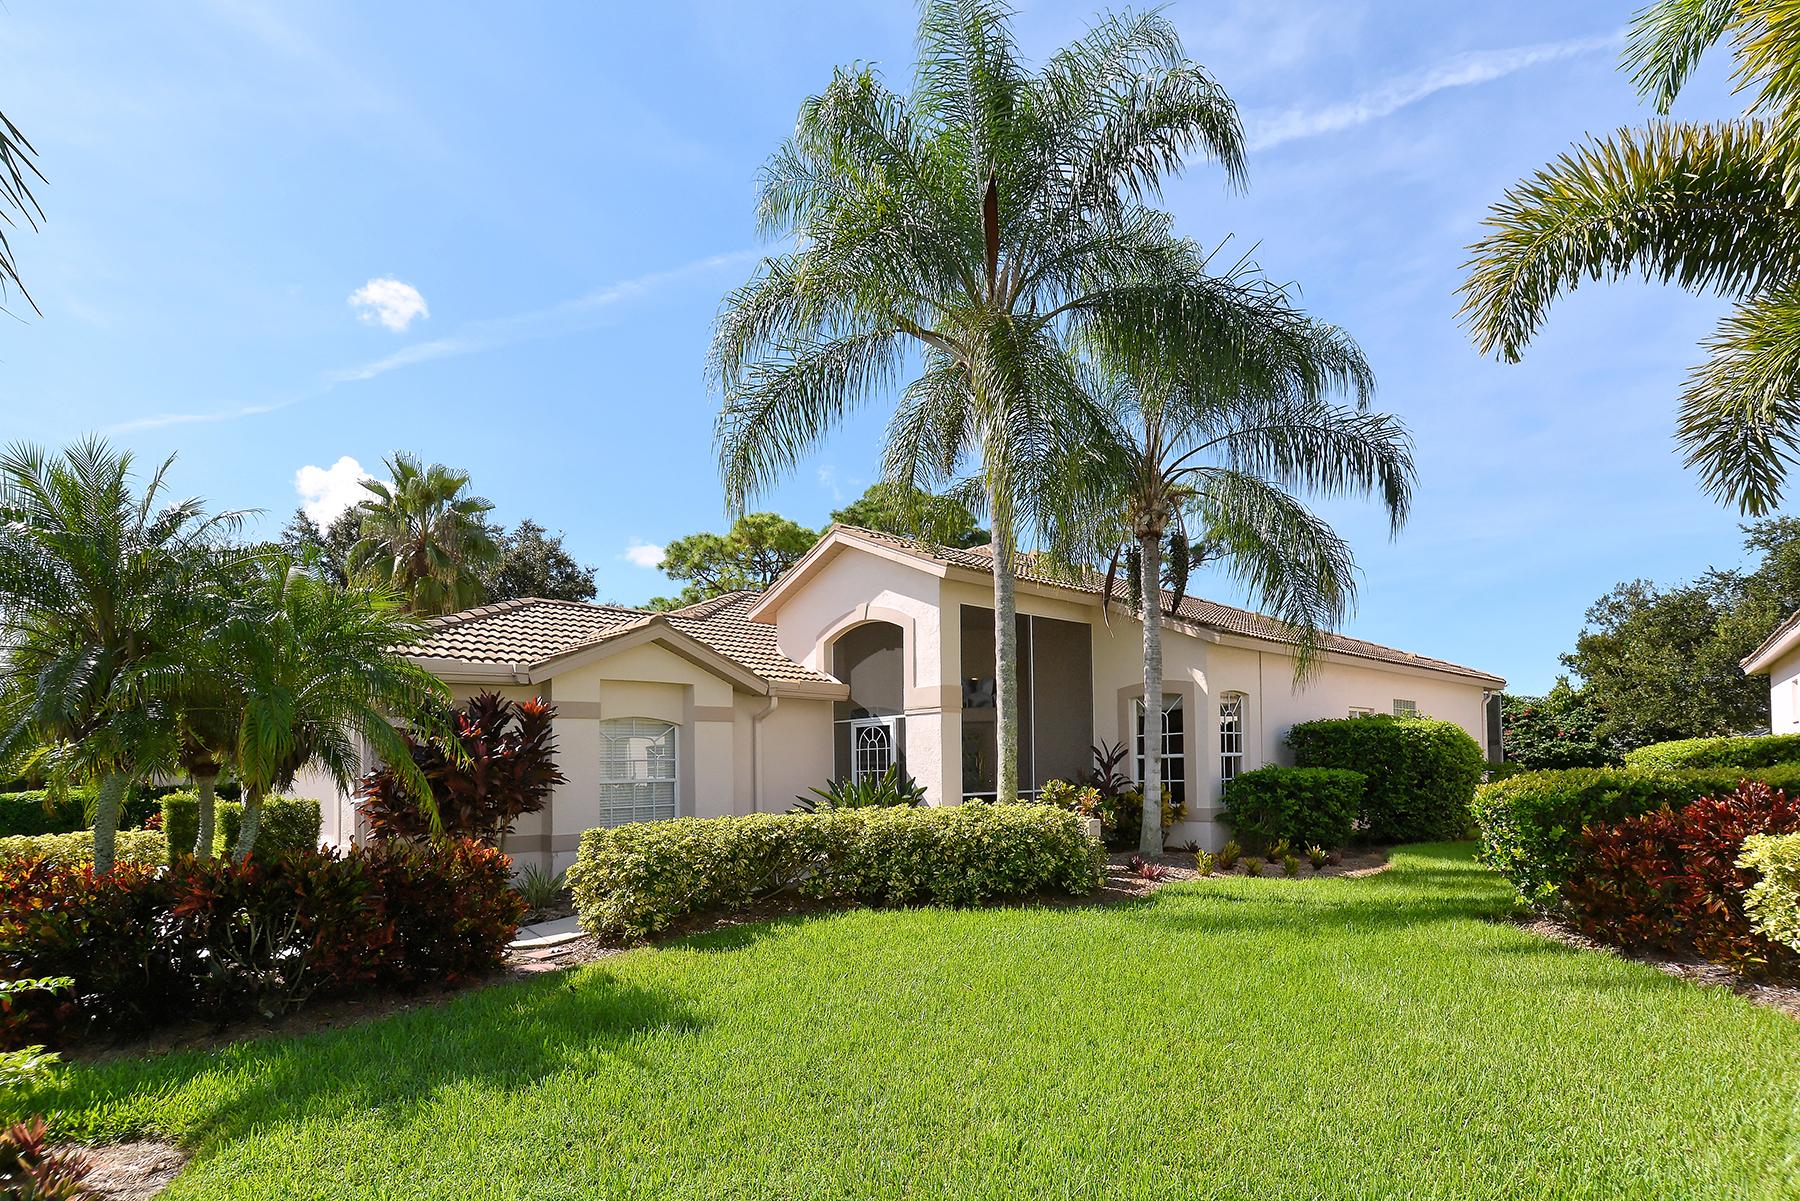 Residência urbana para Venda às SARASOTA 9432 Forest Hills Cir Sarasota, Florida, 34238 Estados Unidos